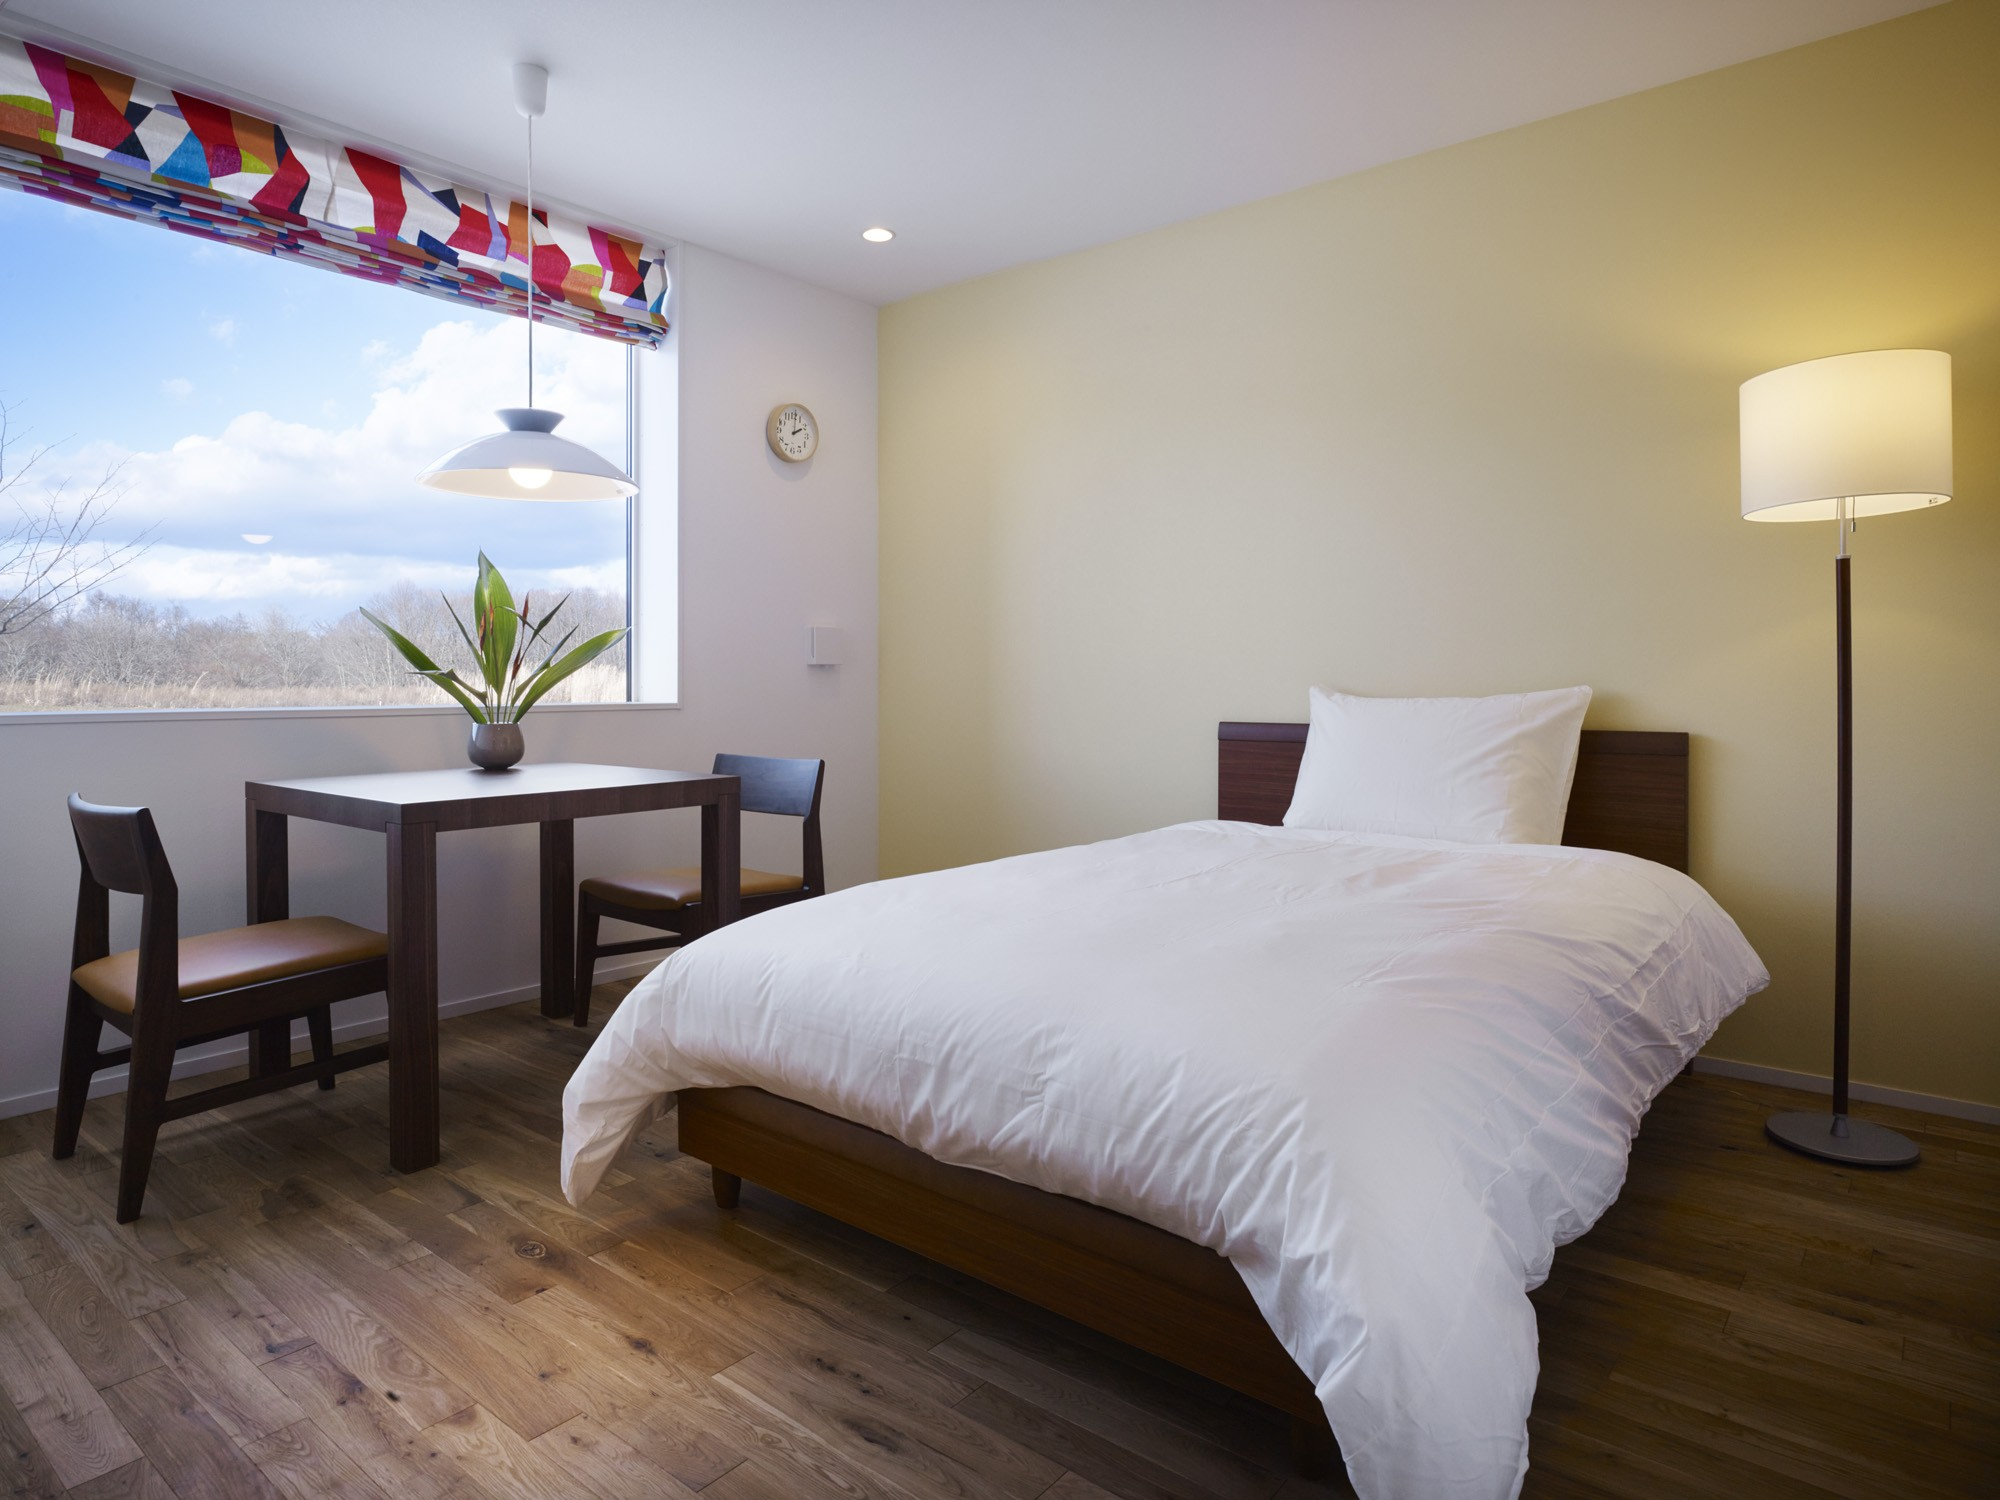 ベッドルーム事例:寝室(オークフィールド八幡平)